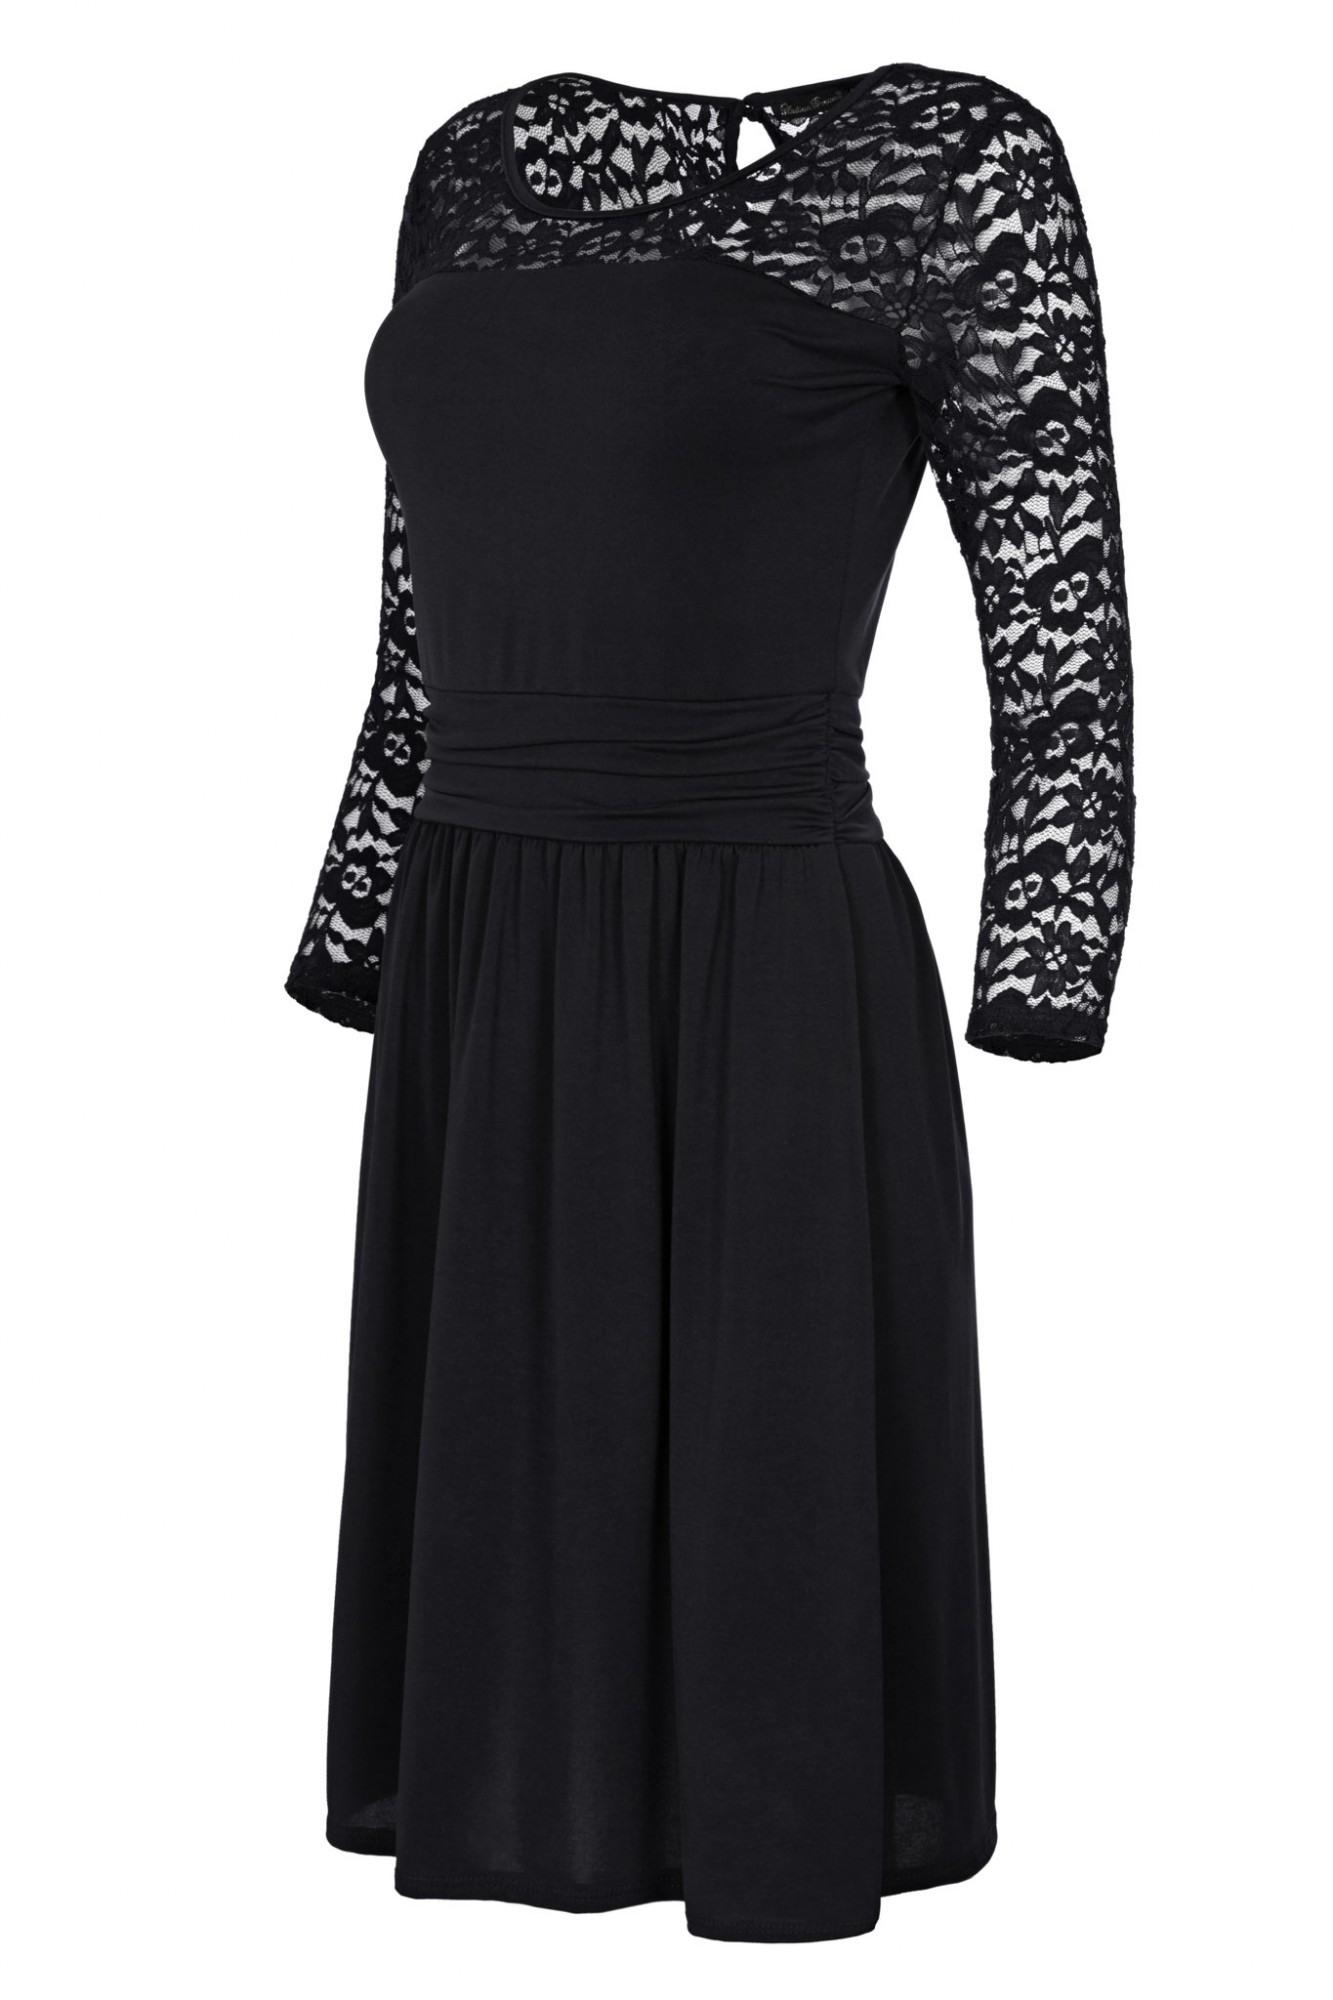 Formal Kreativ Damen Kleider Langarm für 2019Designer Elegant Damen Kleider Langarm Galerie